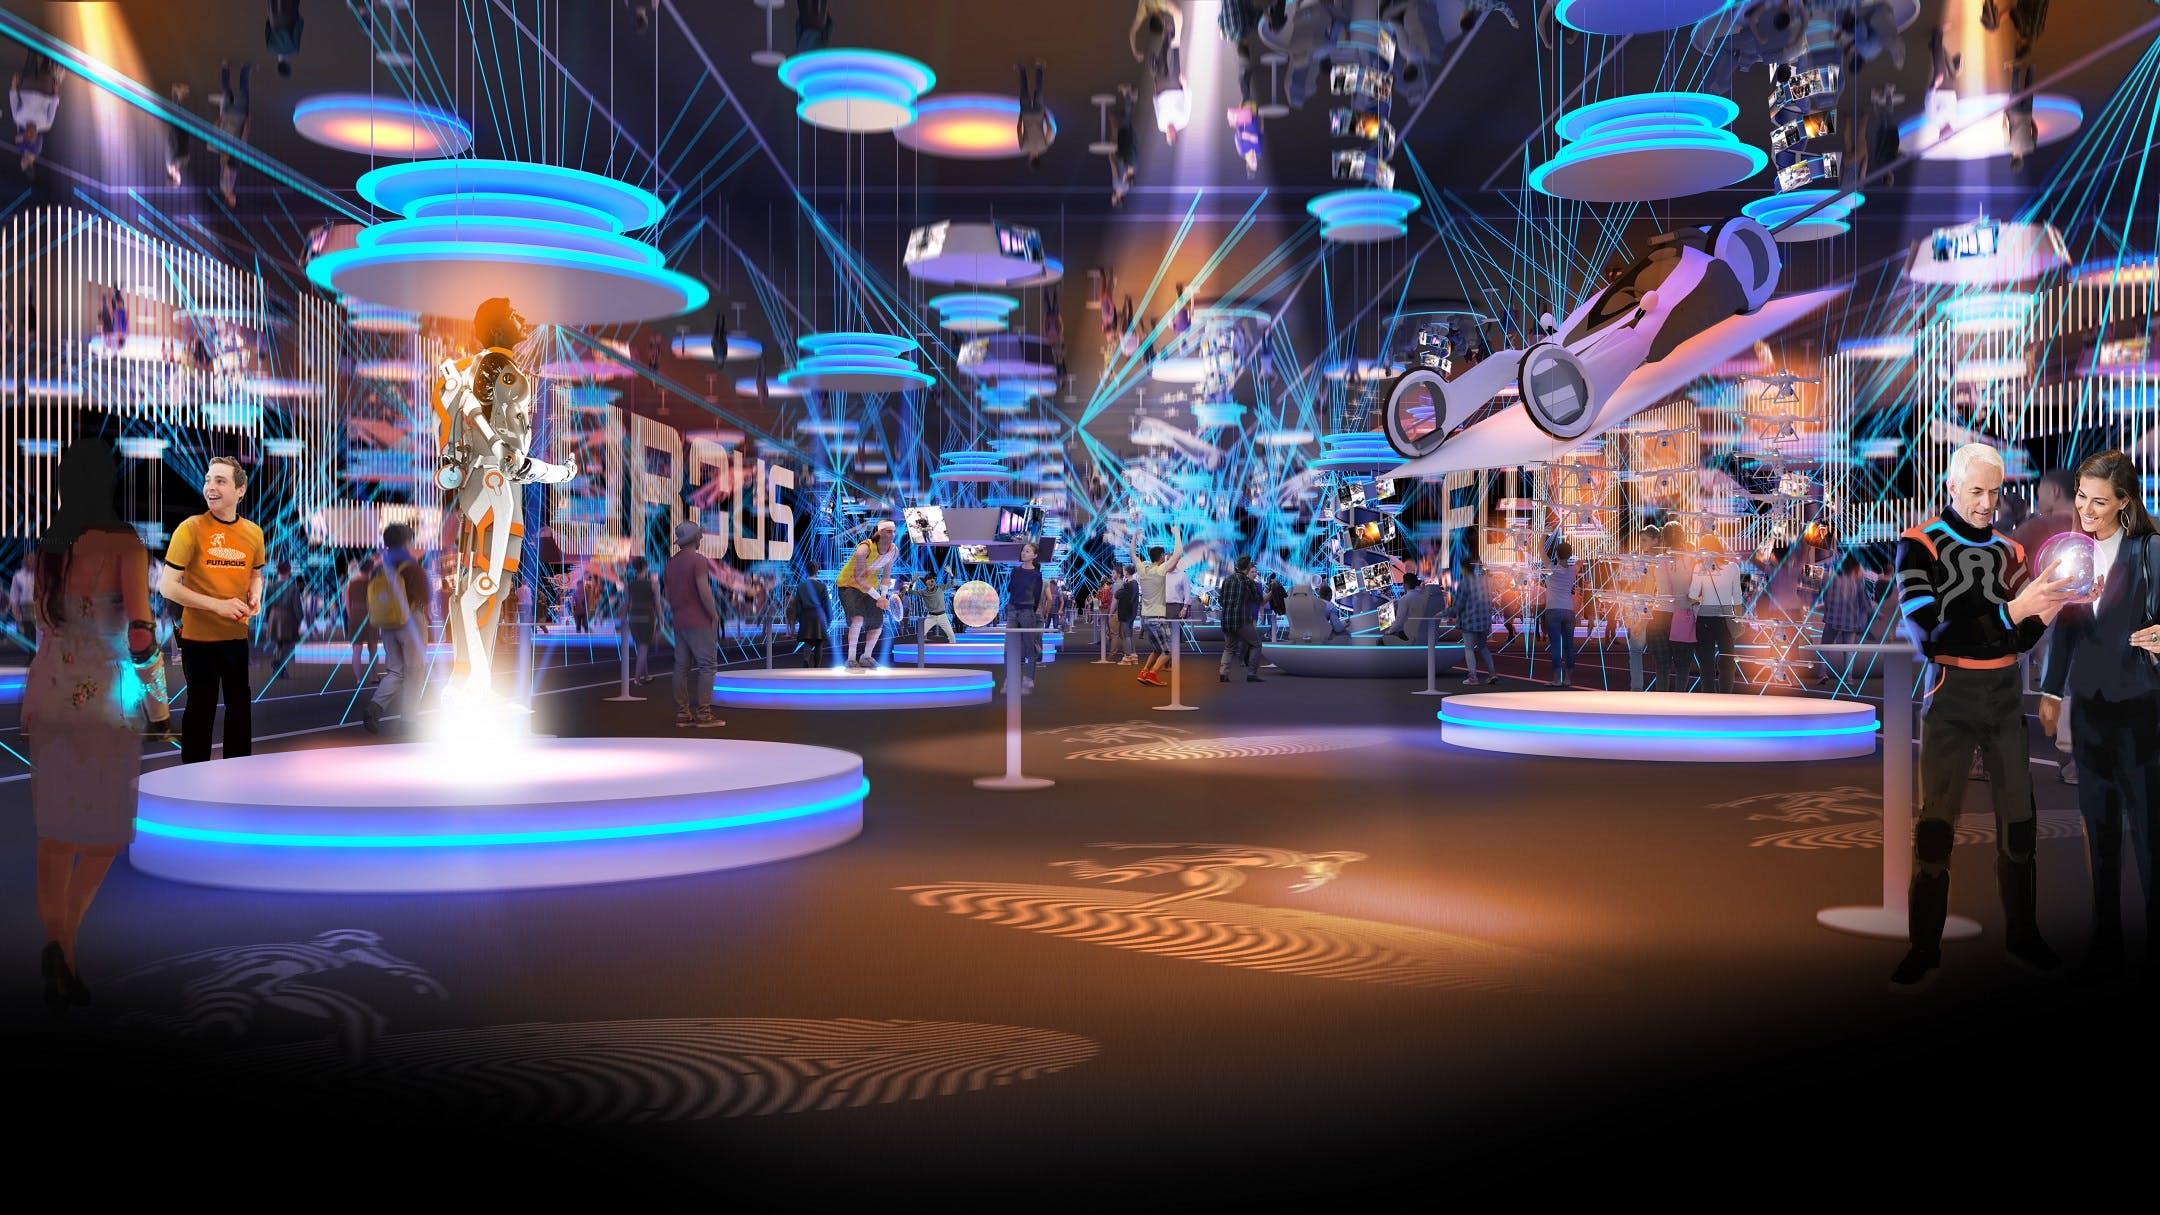 В 2021 году пройдет первая технологическая Олимпиада Futurous Games